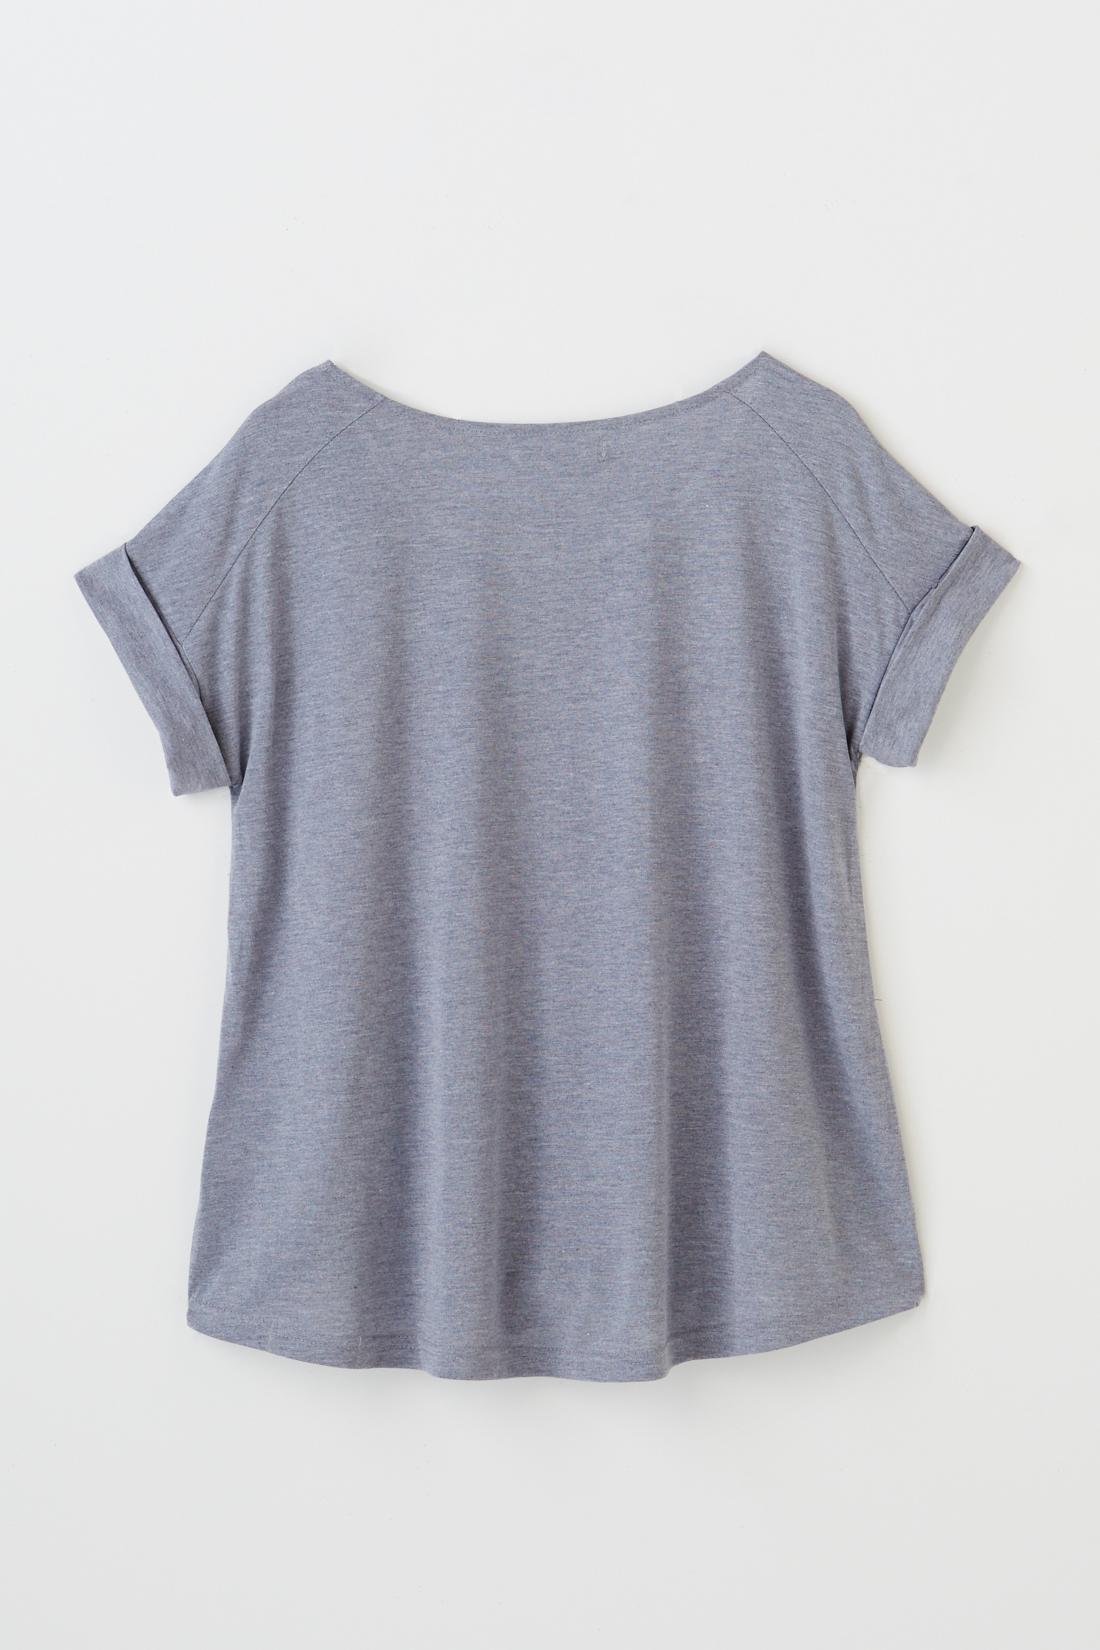 BACK 後ろはシンプルなデザイン。袖はトレンドのロールアップデザイン。